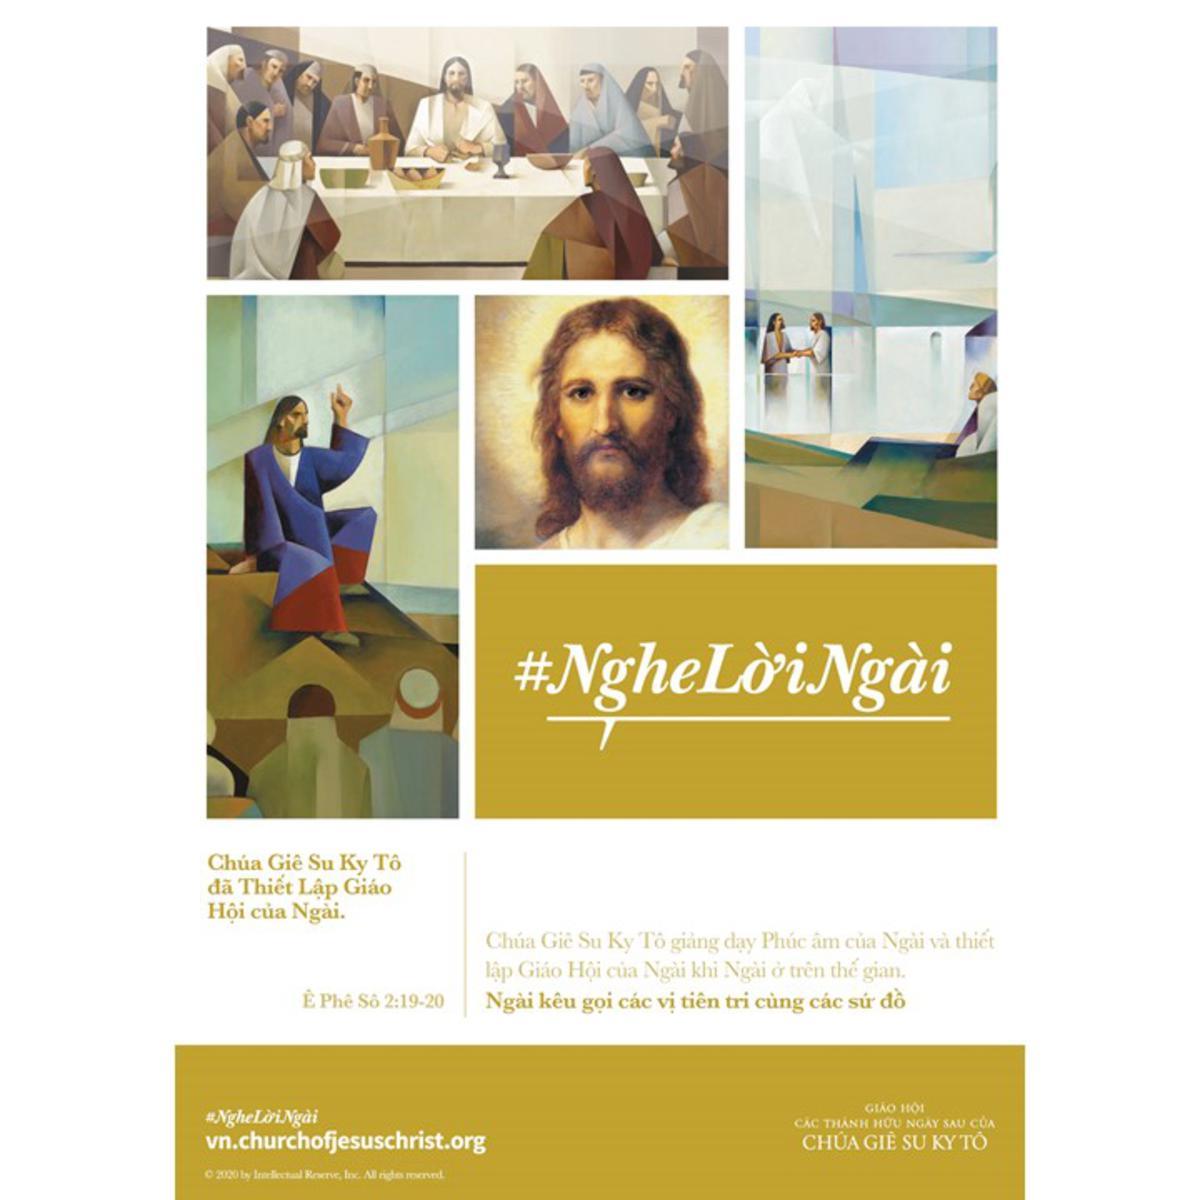 Chúa Giê Su Ky Tô đã Thiết Lập Giáo Hội của Ngài